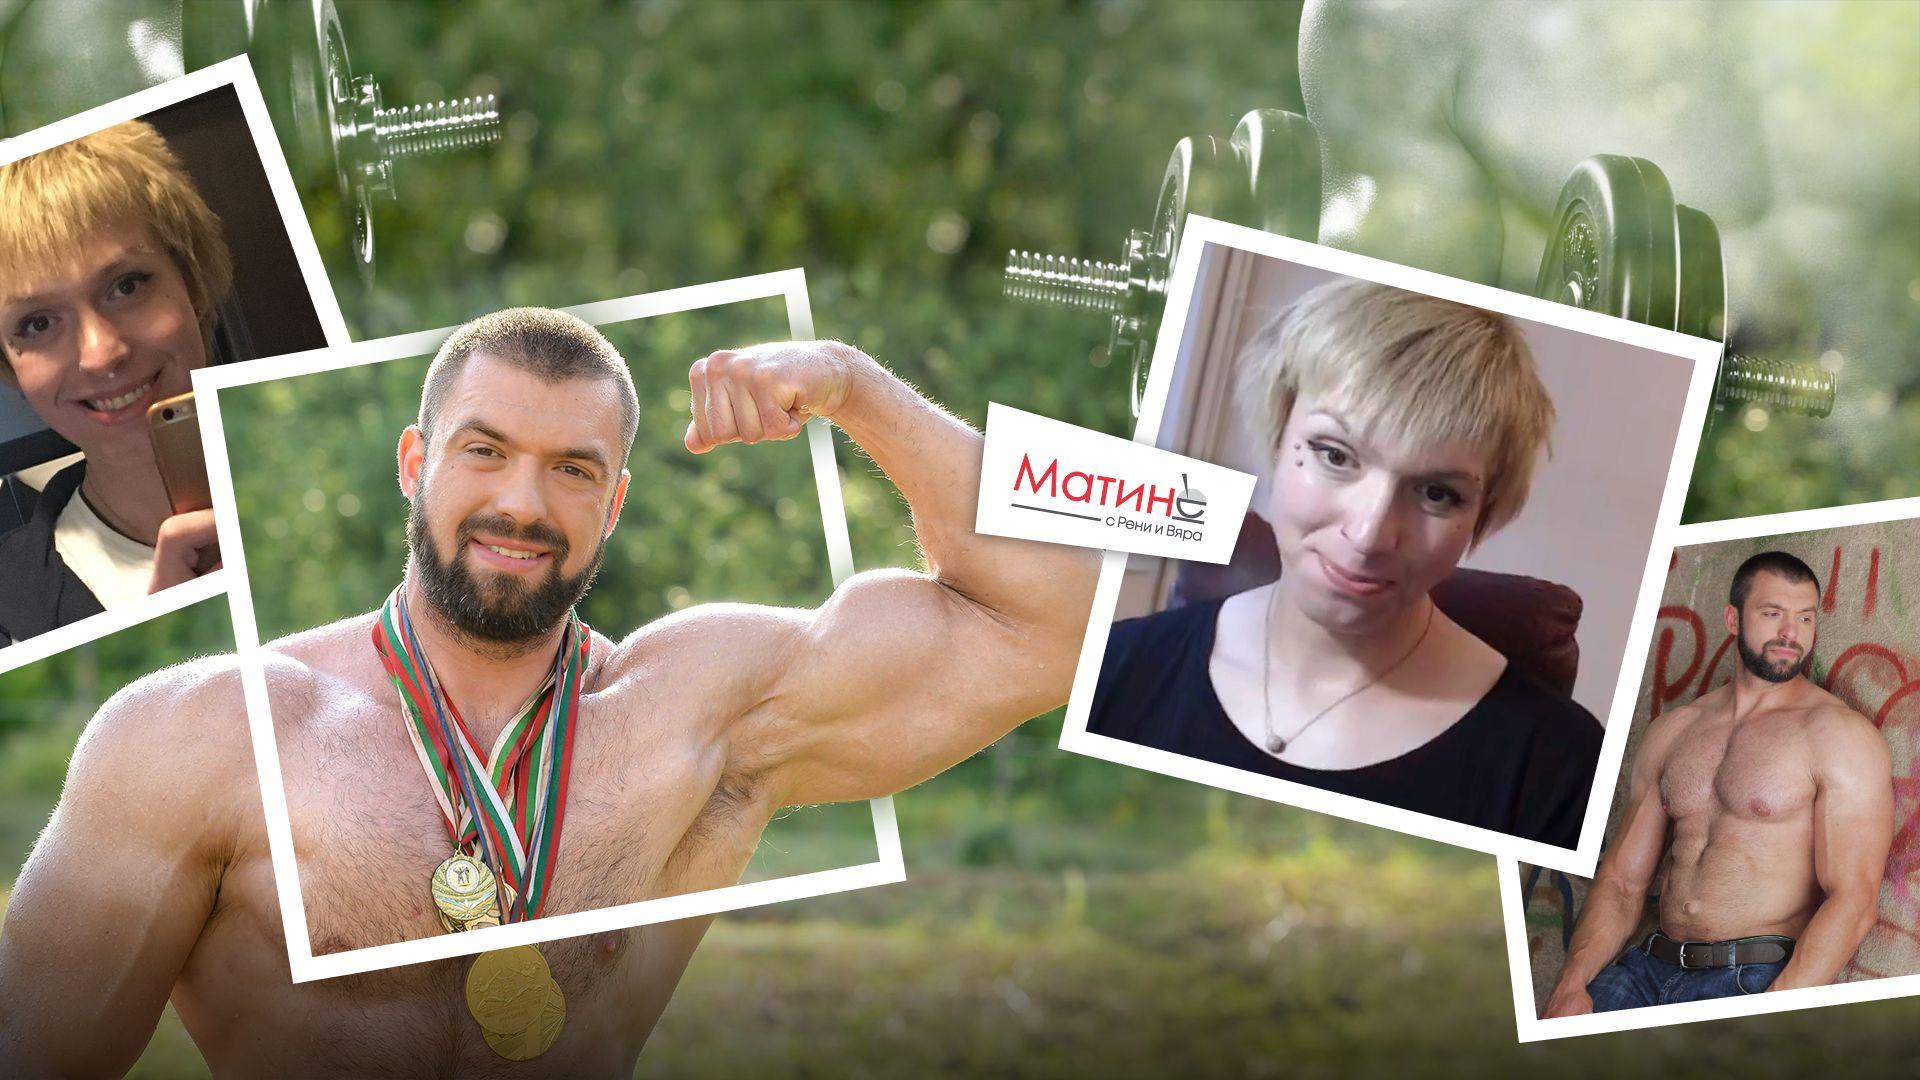 Културистът Тихомир, който вече е Мелиса, отново шокира с новина /Снимка/